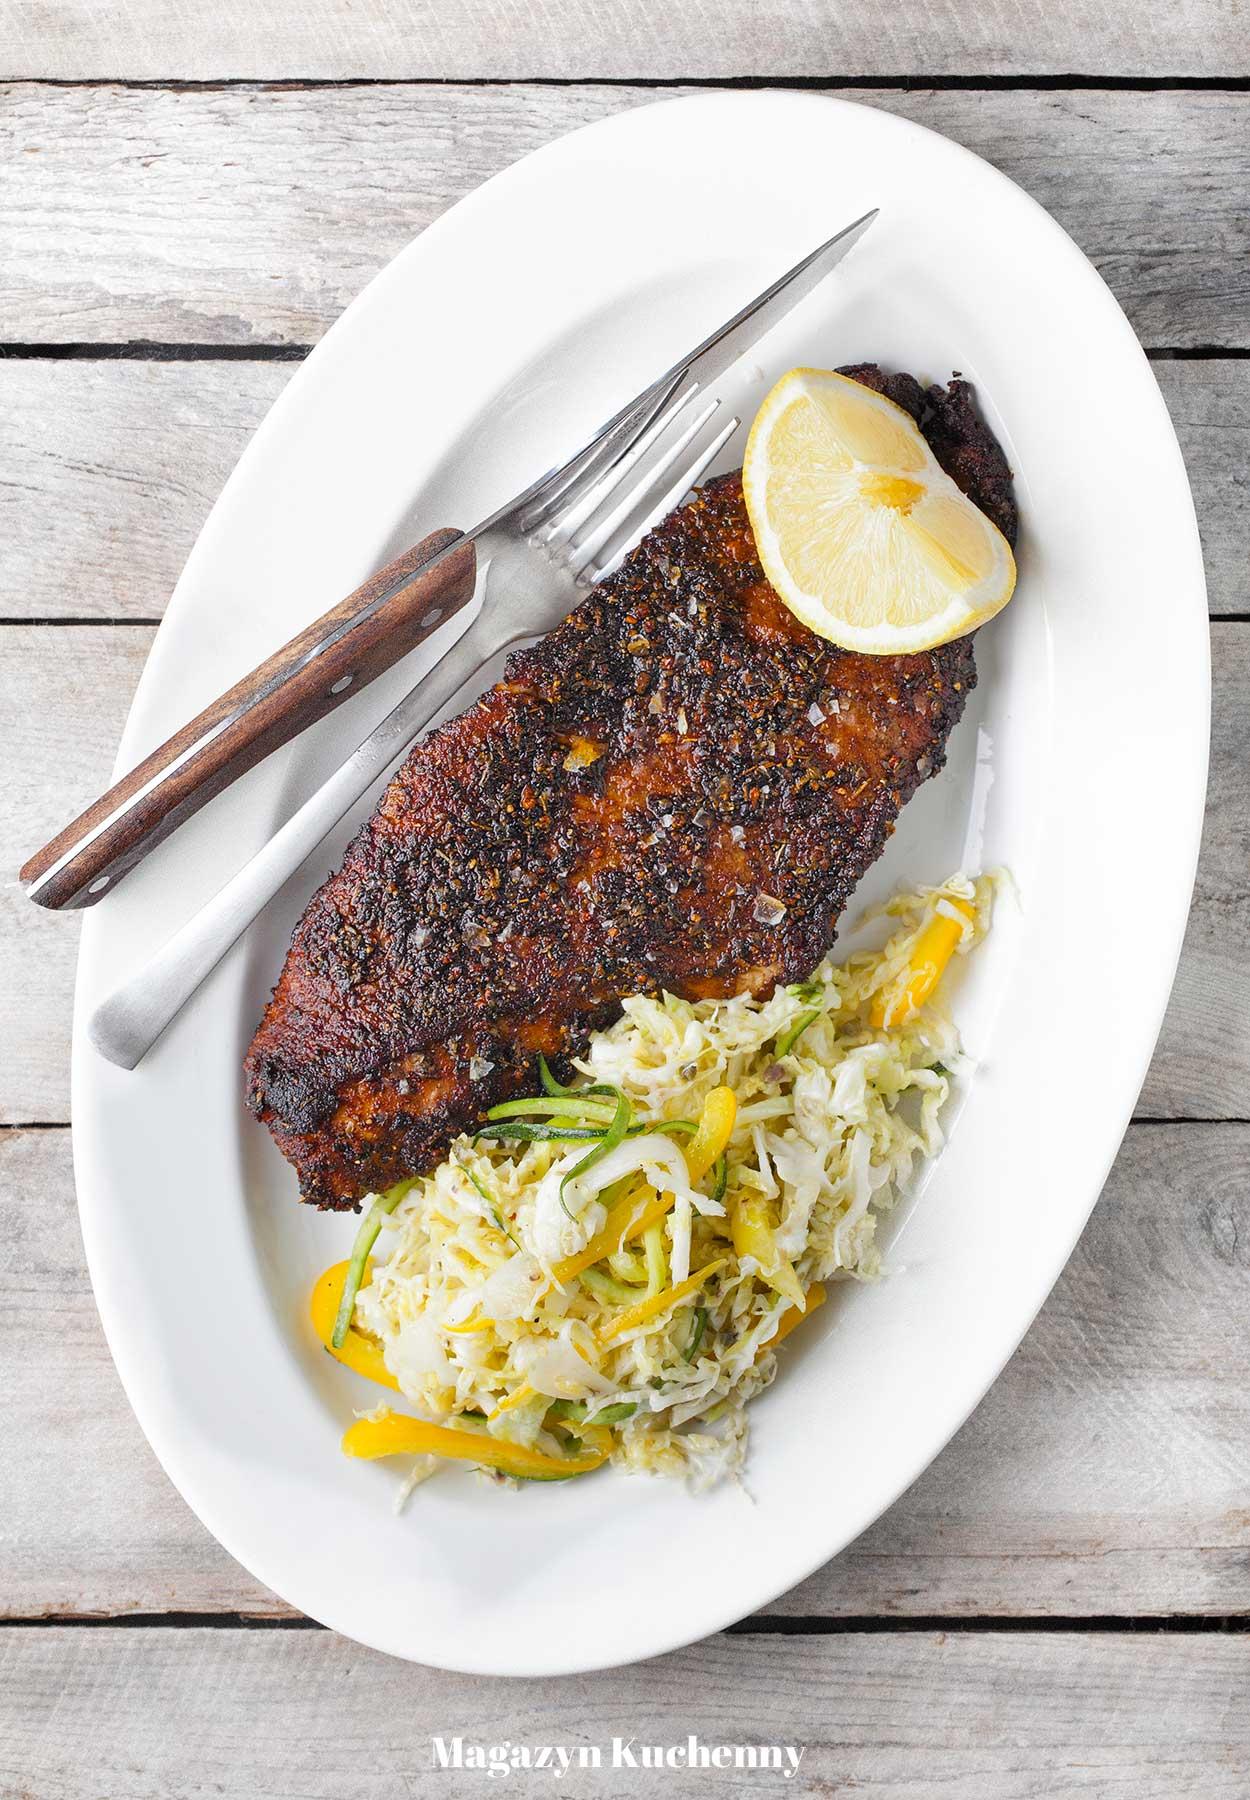 Ryba w przyprawie cajun z sałatką z kapusty